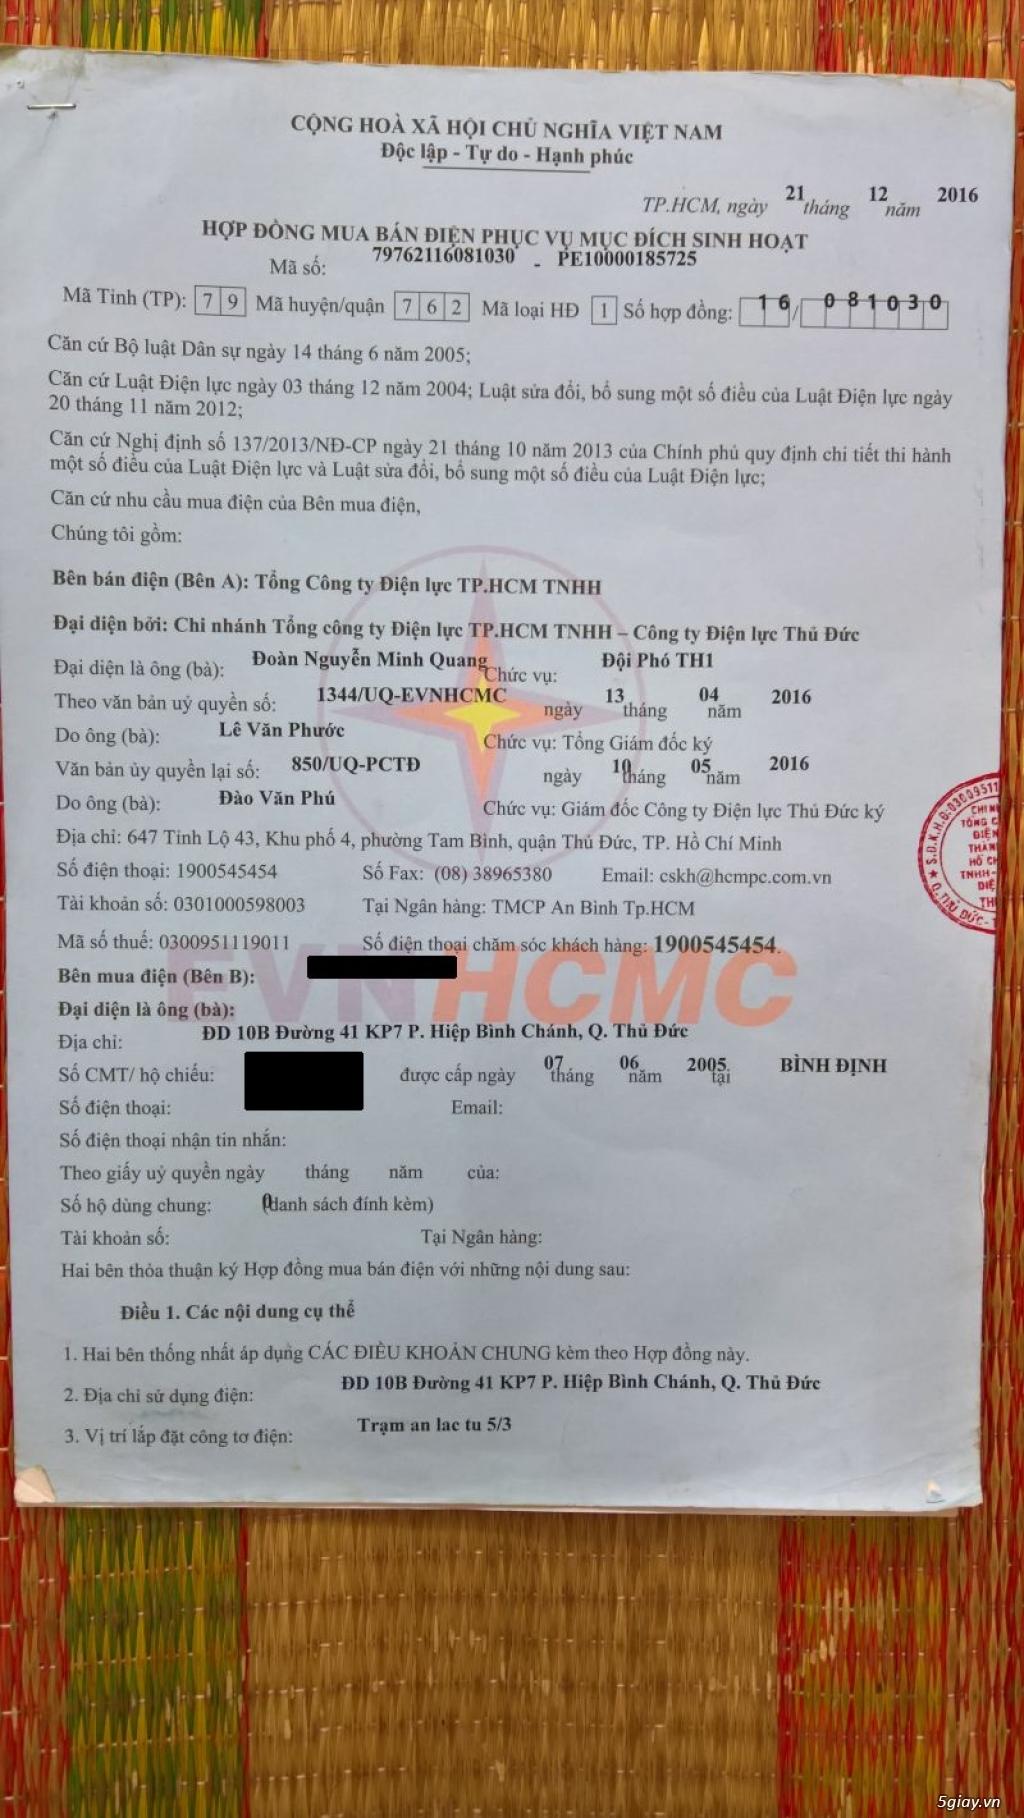 Bán đất hoặc cho thuê làm kho xưởng - 100m2 HXH đường 41 - Tam Bình